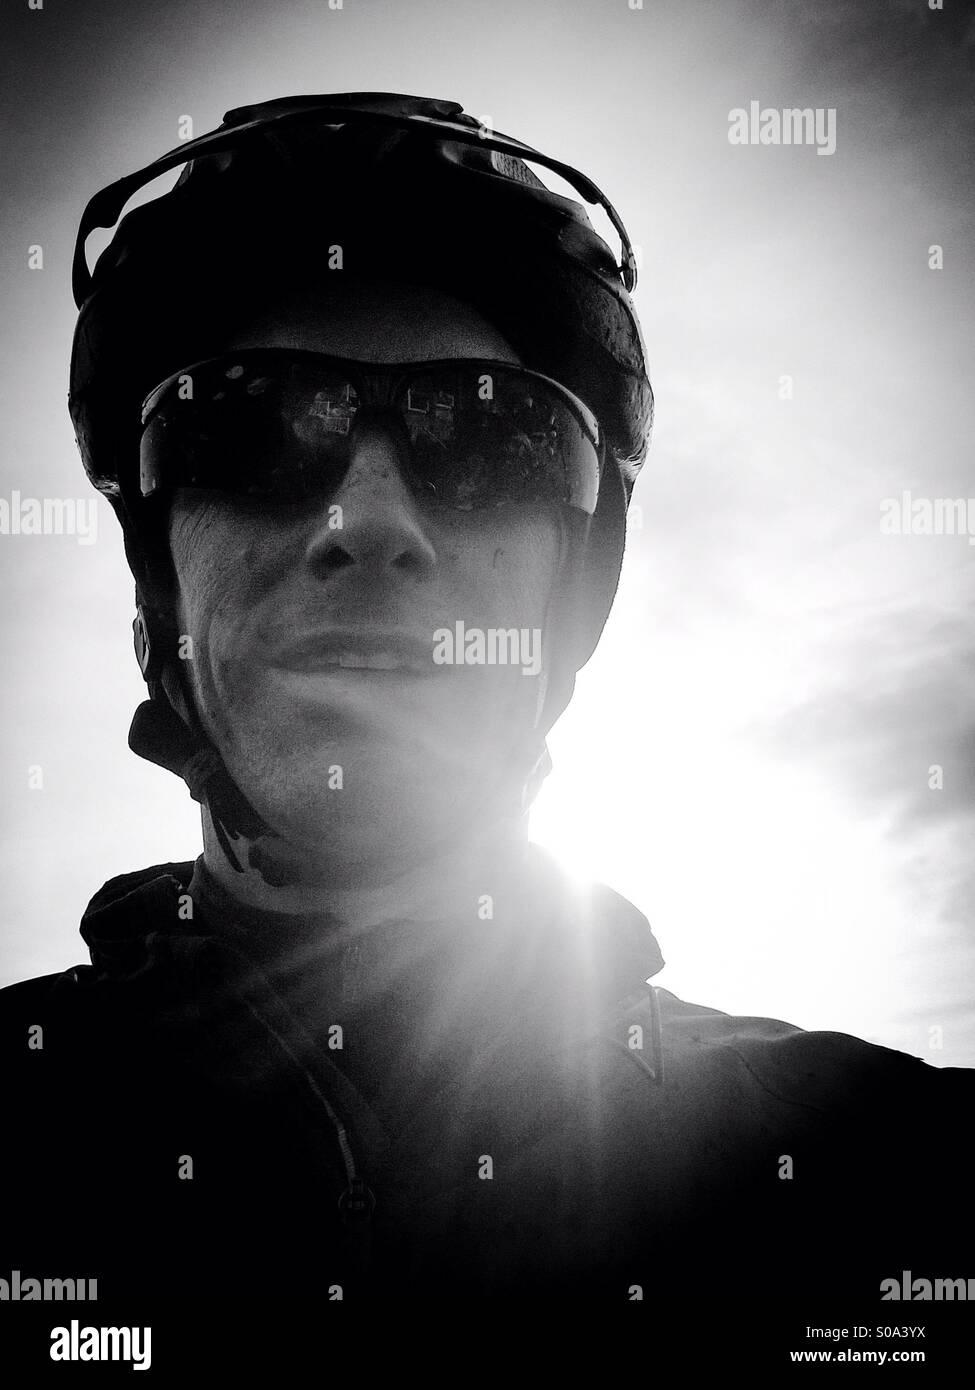 Mountain bike rider selfie pétreas de retrato en blanco y negro. Imagen De Stock